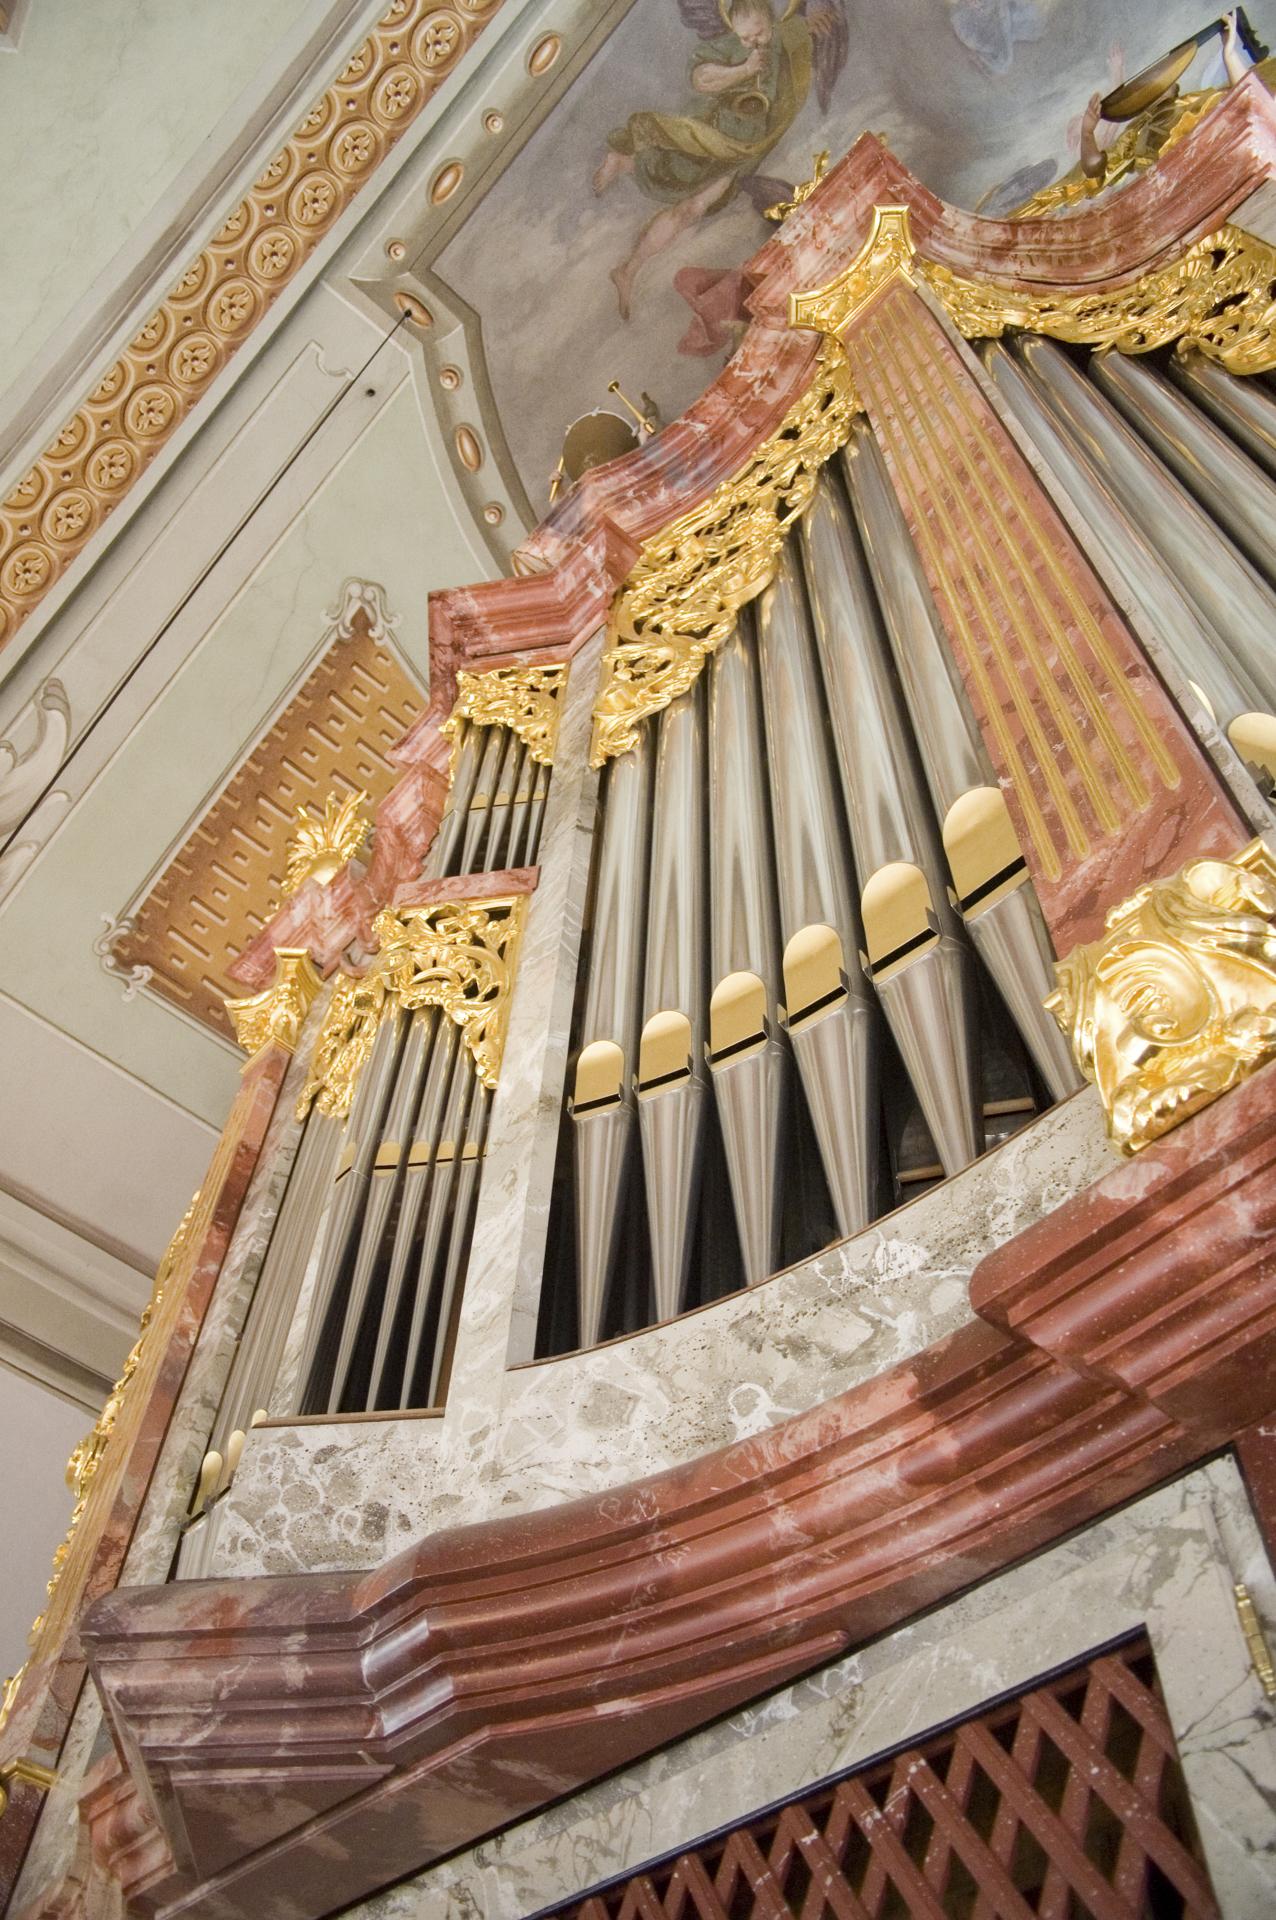 tischlerei-decker-Orgel-Hopfgarten-orgelpfeifen-detail